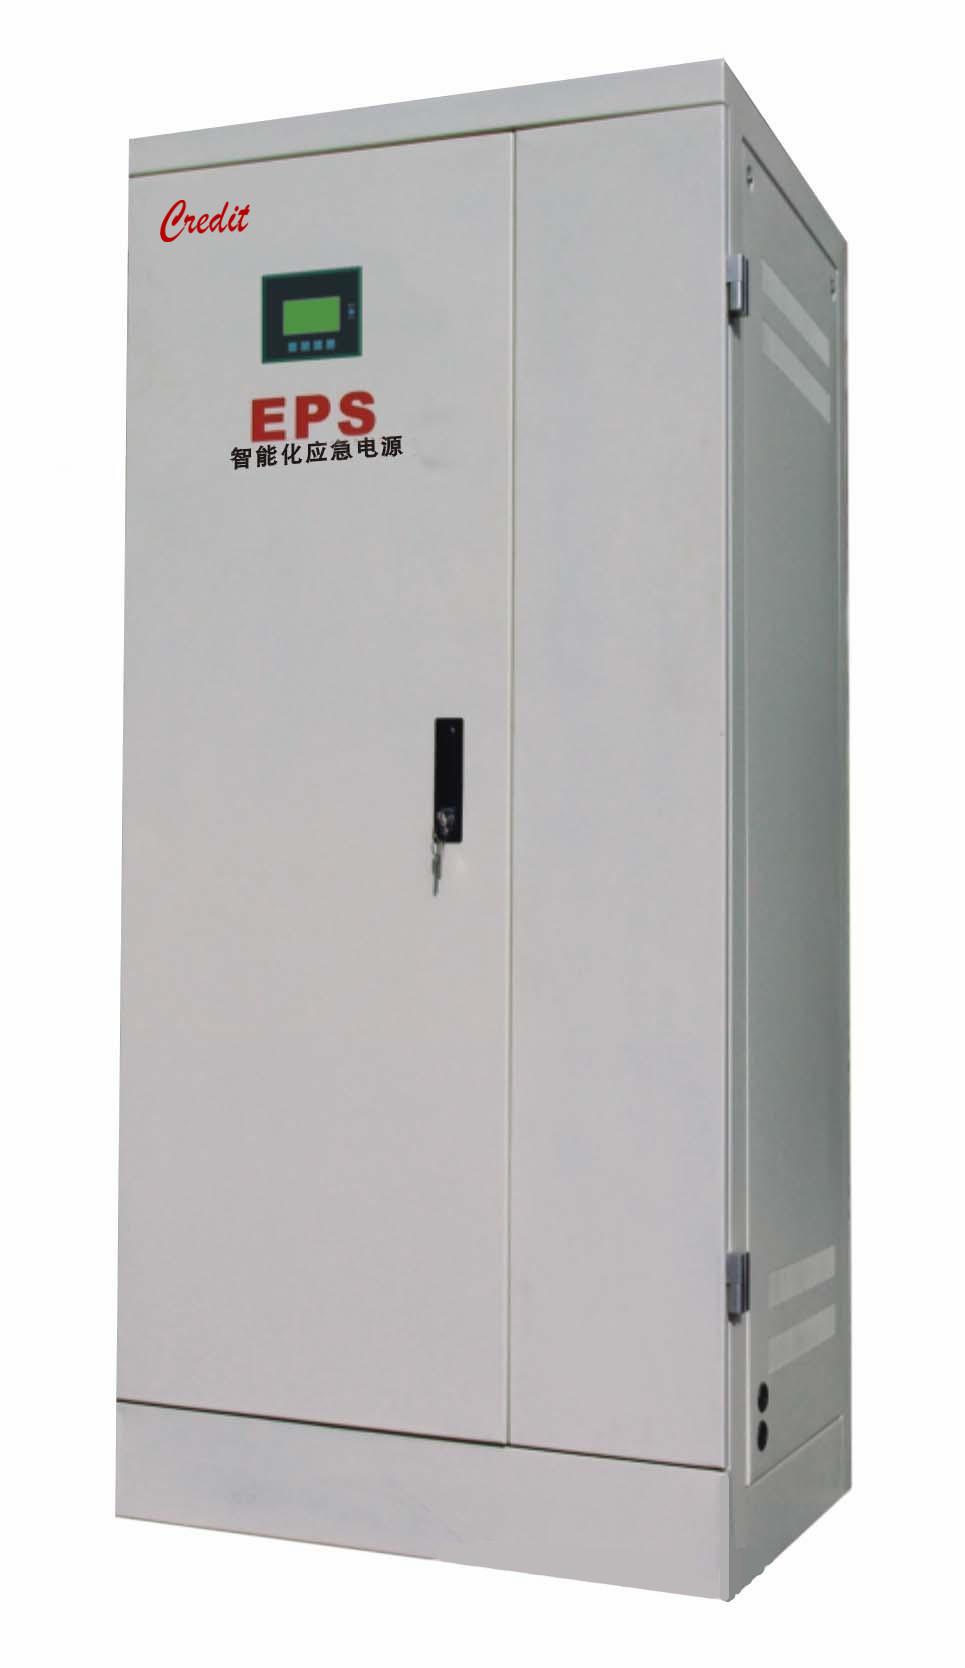 永登EPS应急电源价格-买新品西宁EPS应急电源,就选嘉云电子